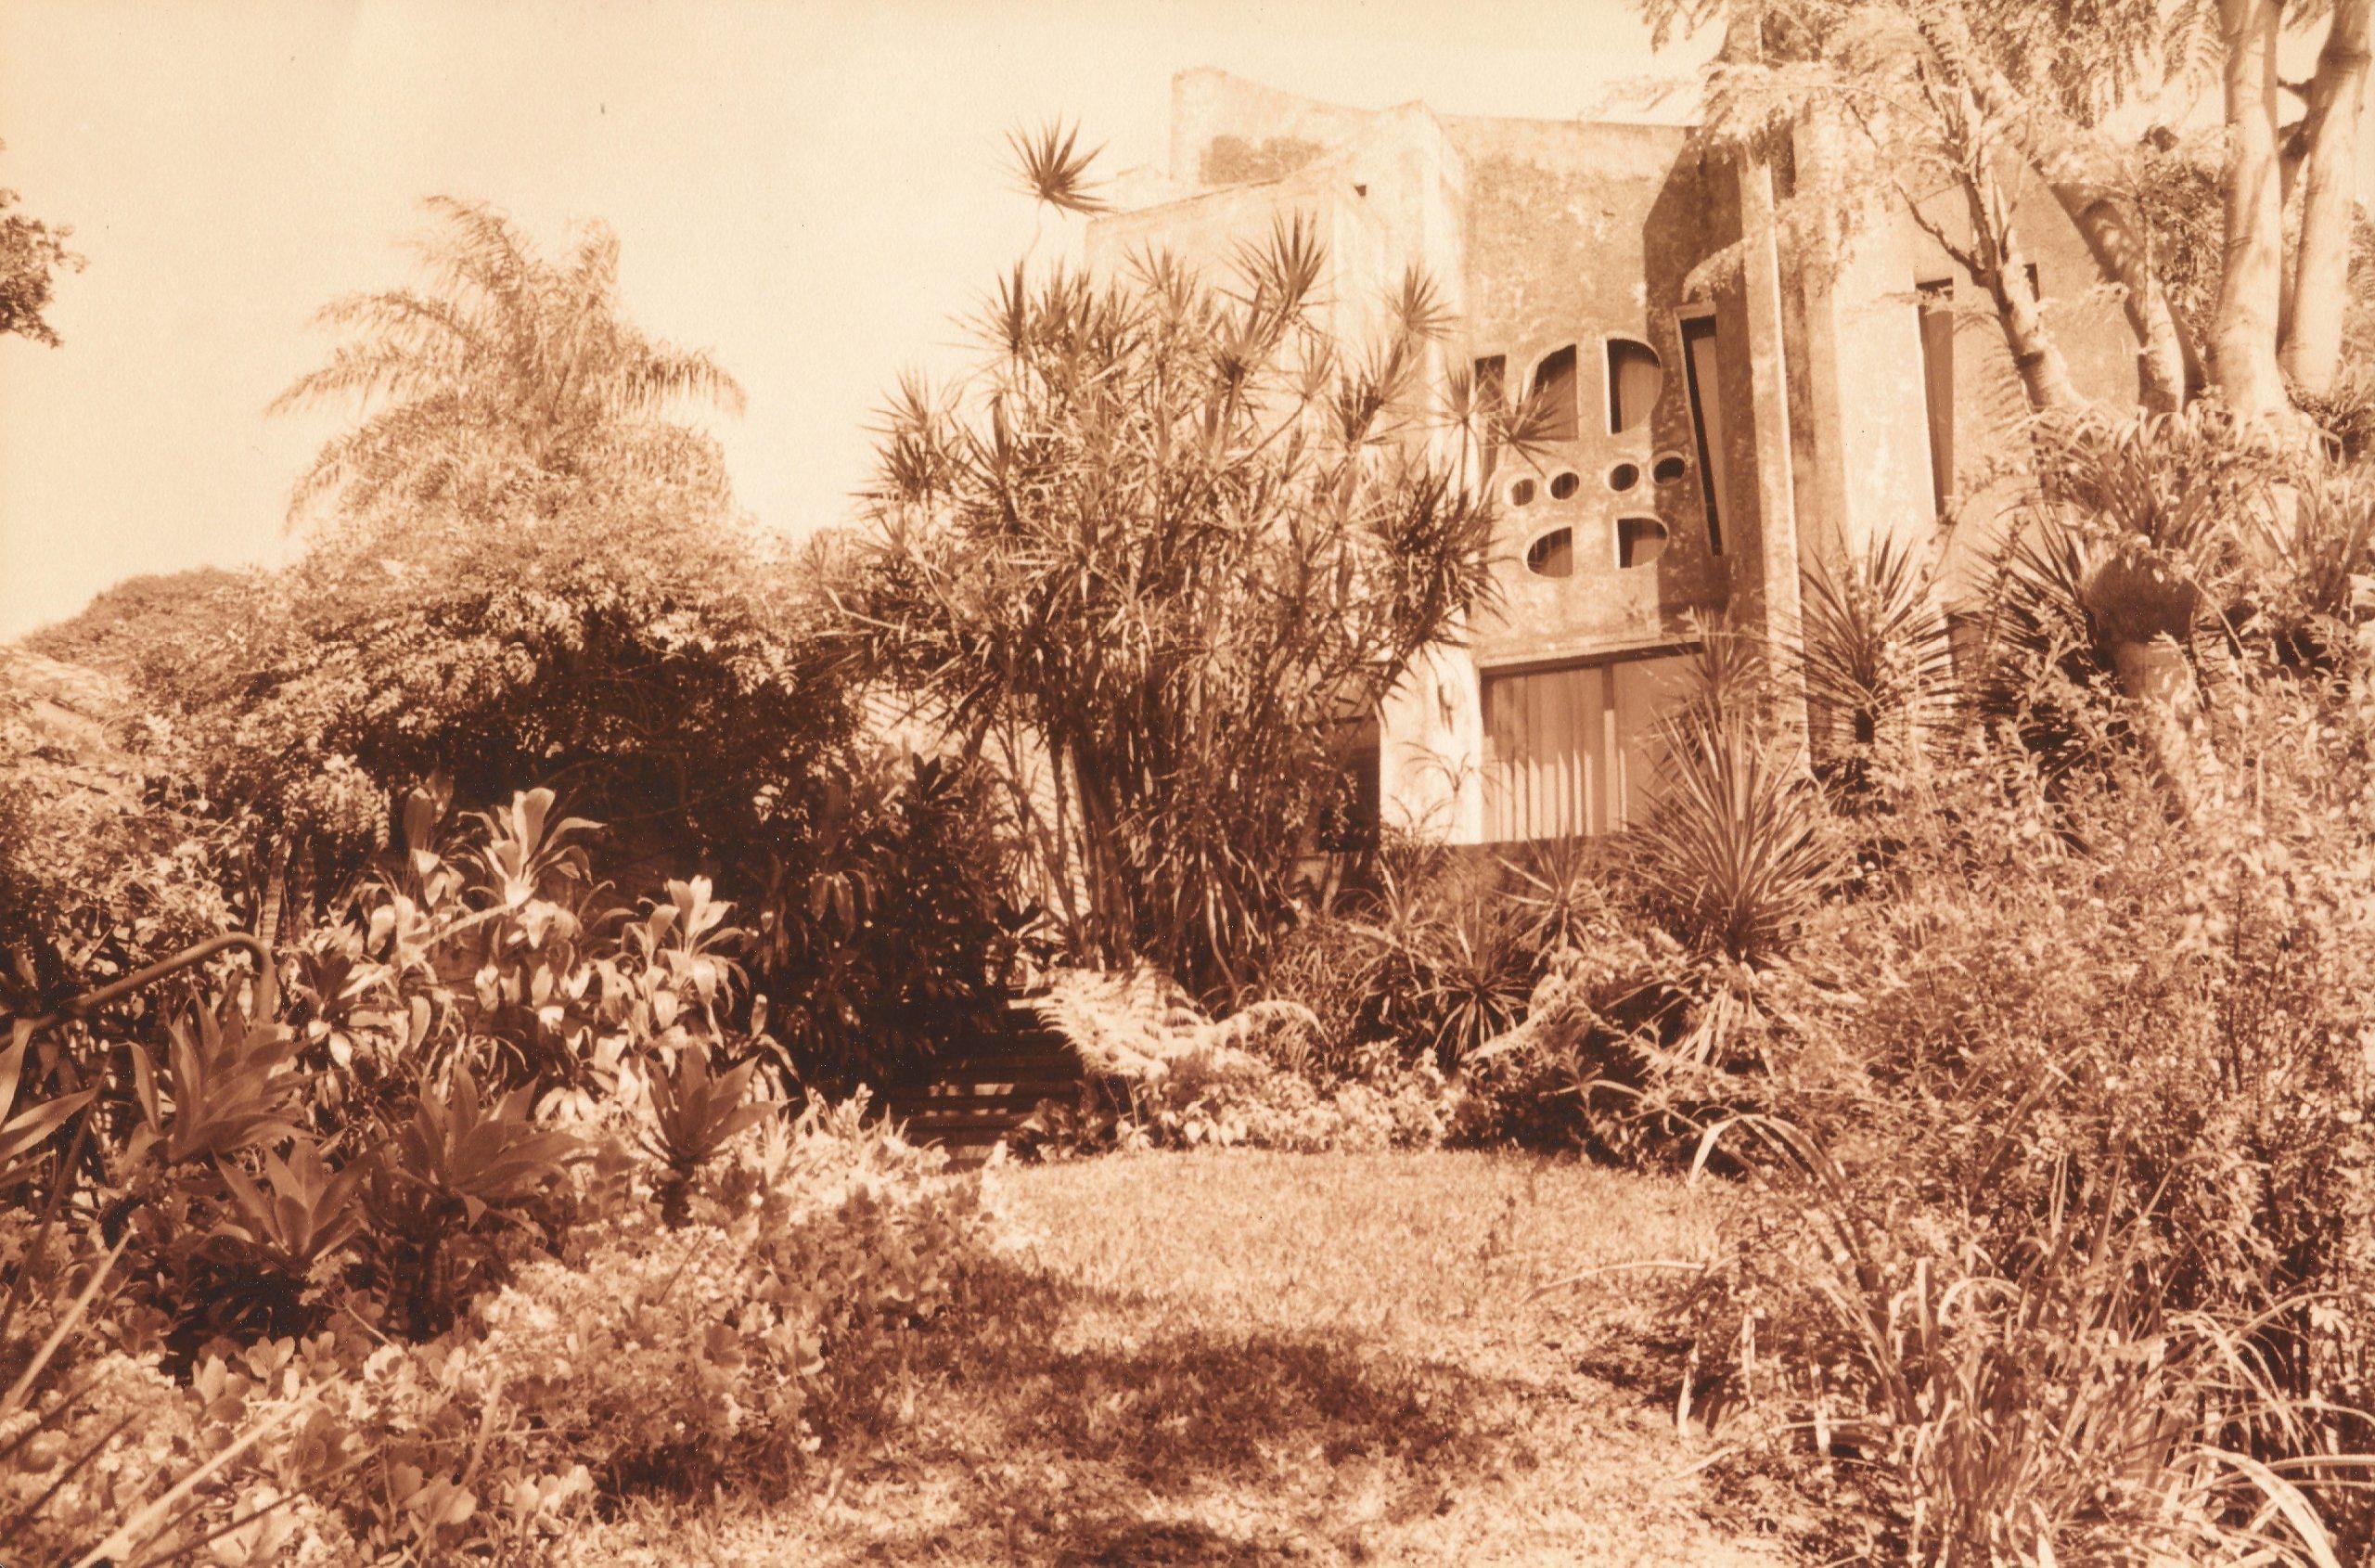 Casa Chase-Colombino, ca. 1970